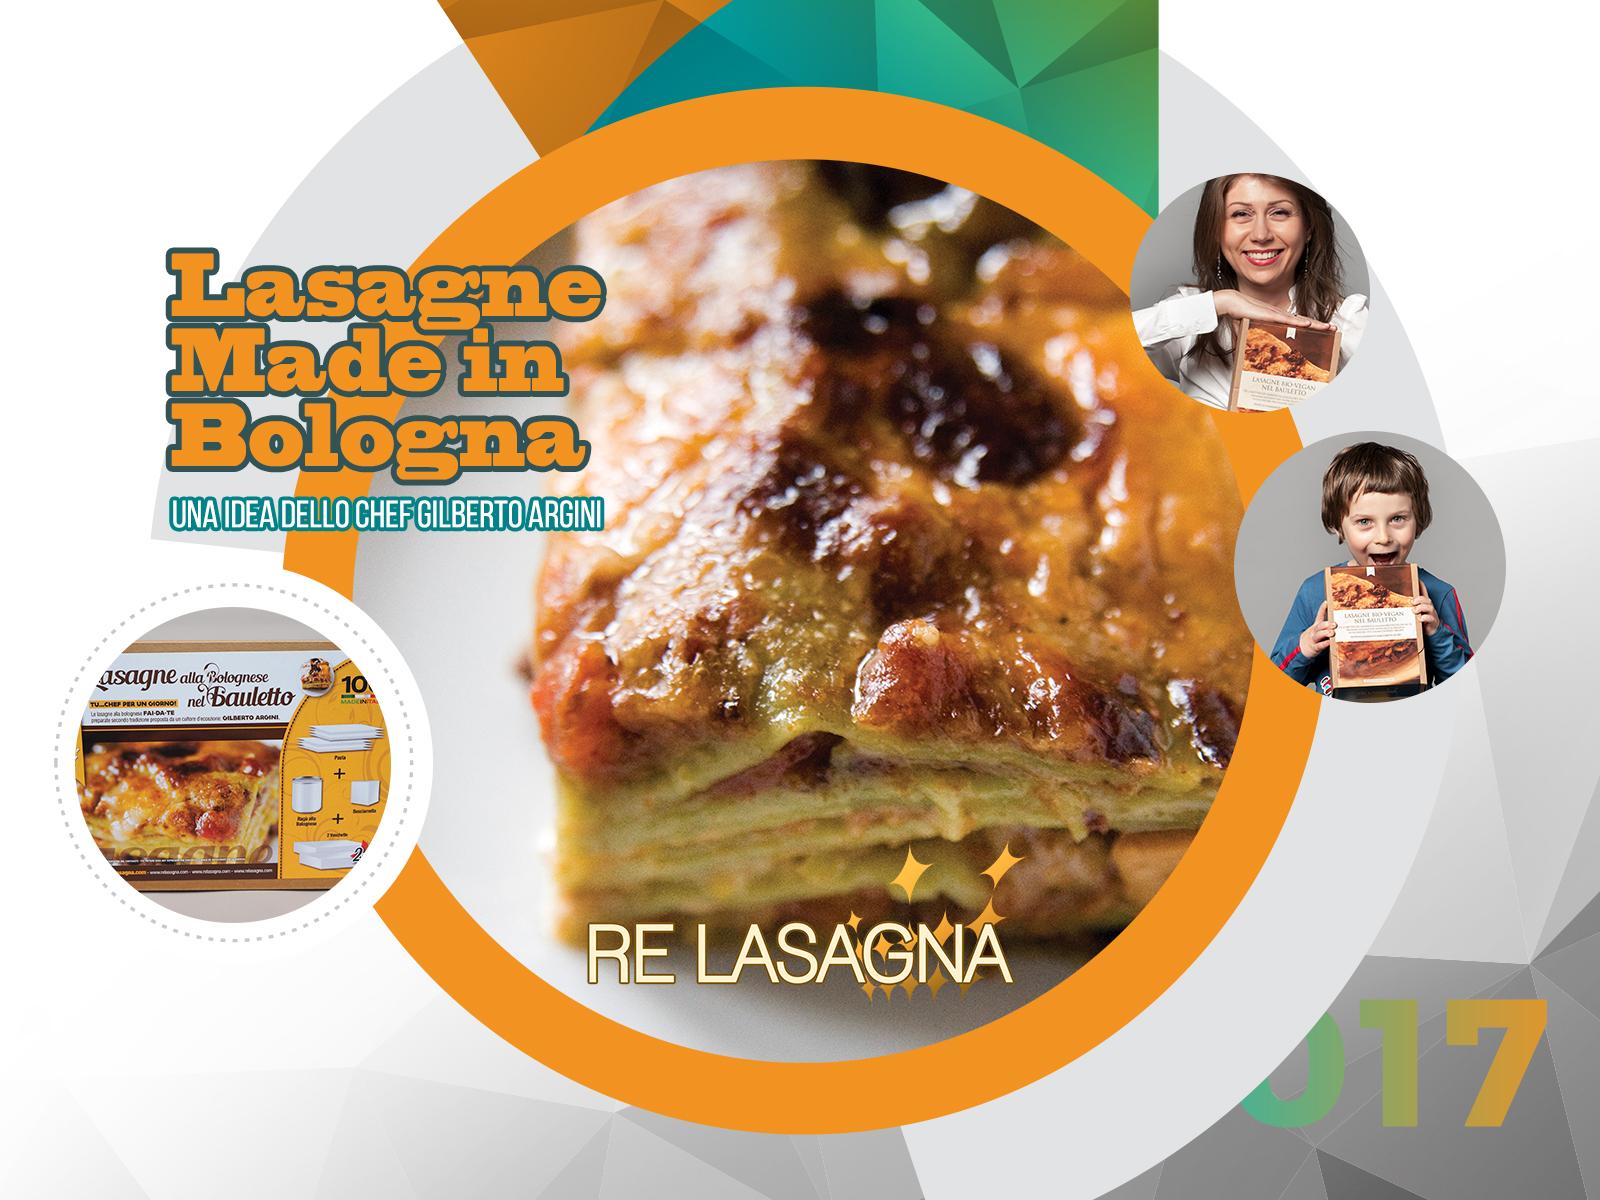 Lasagne alla Bolognese in the Box